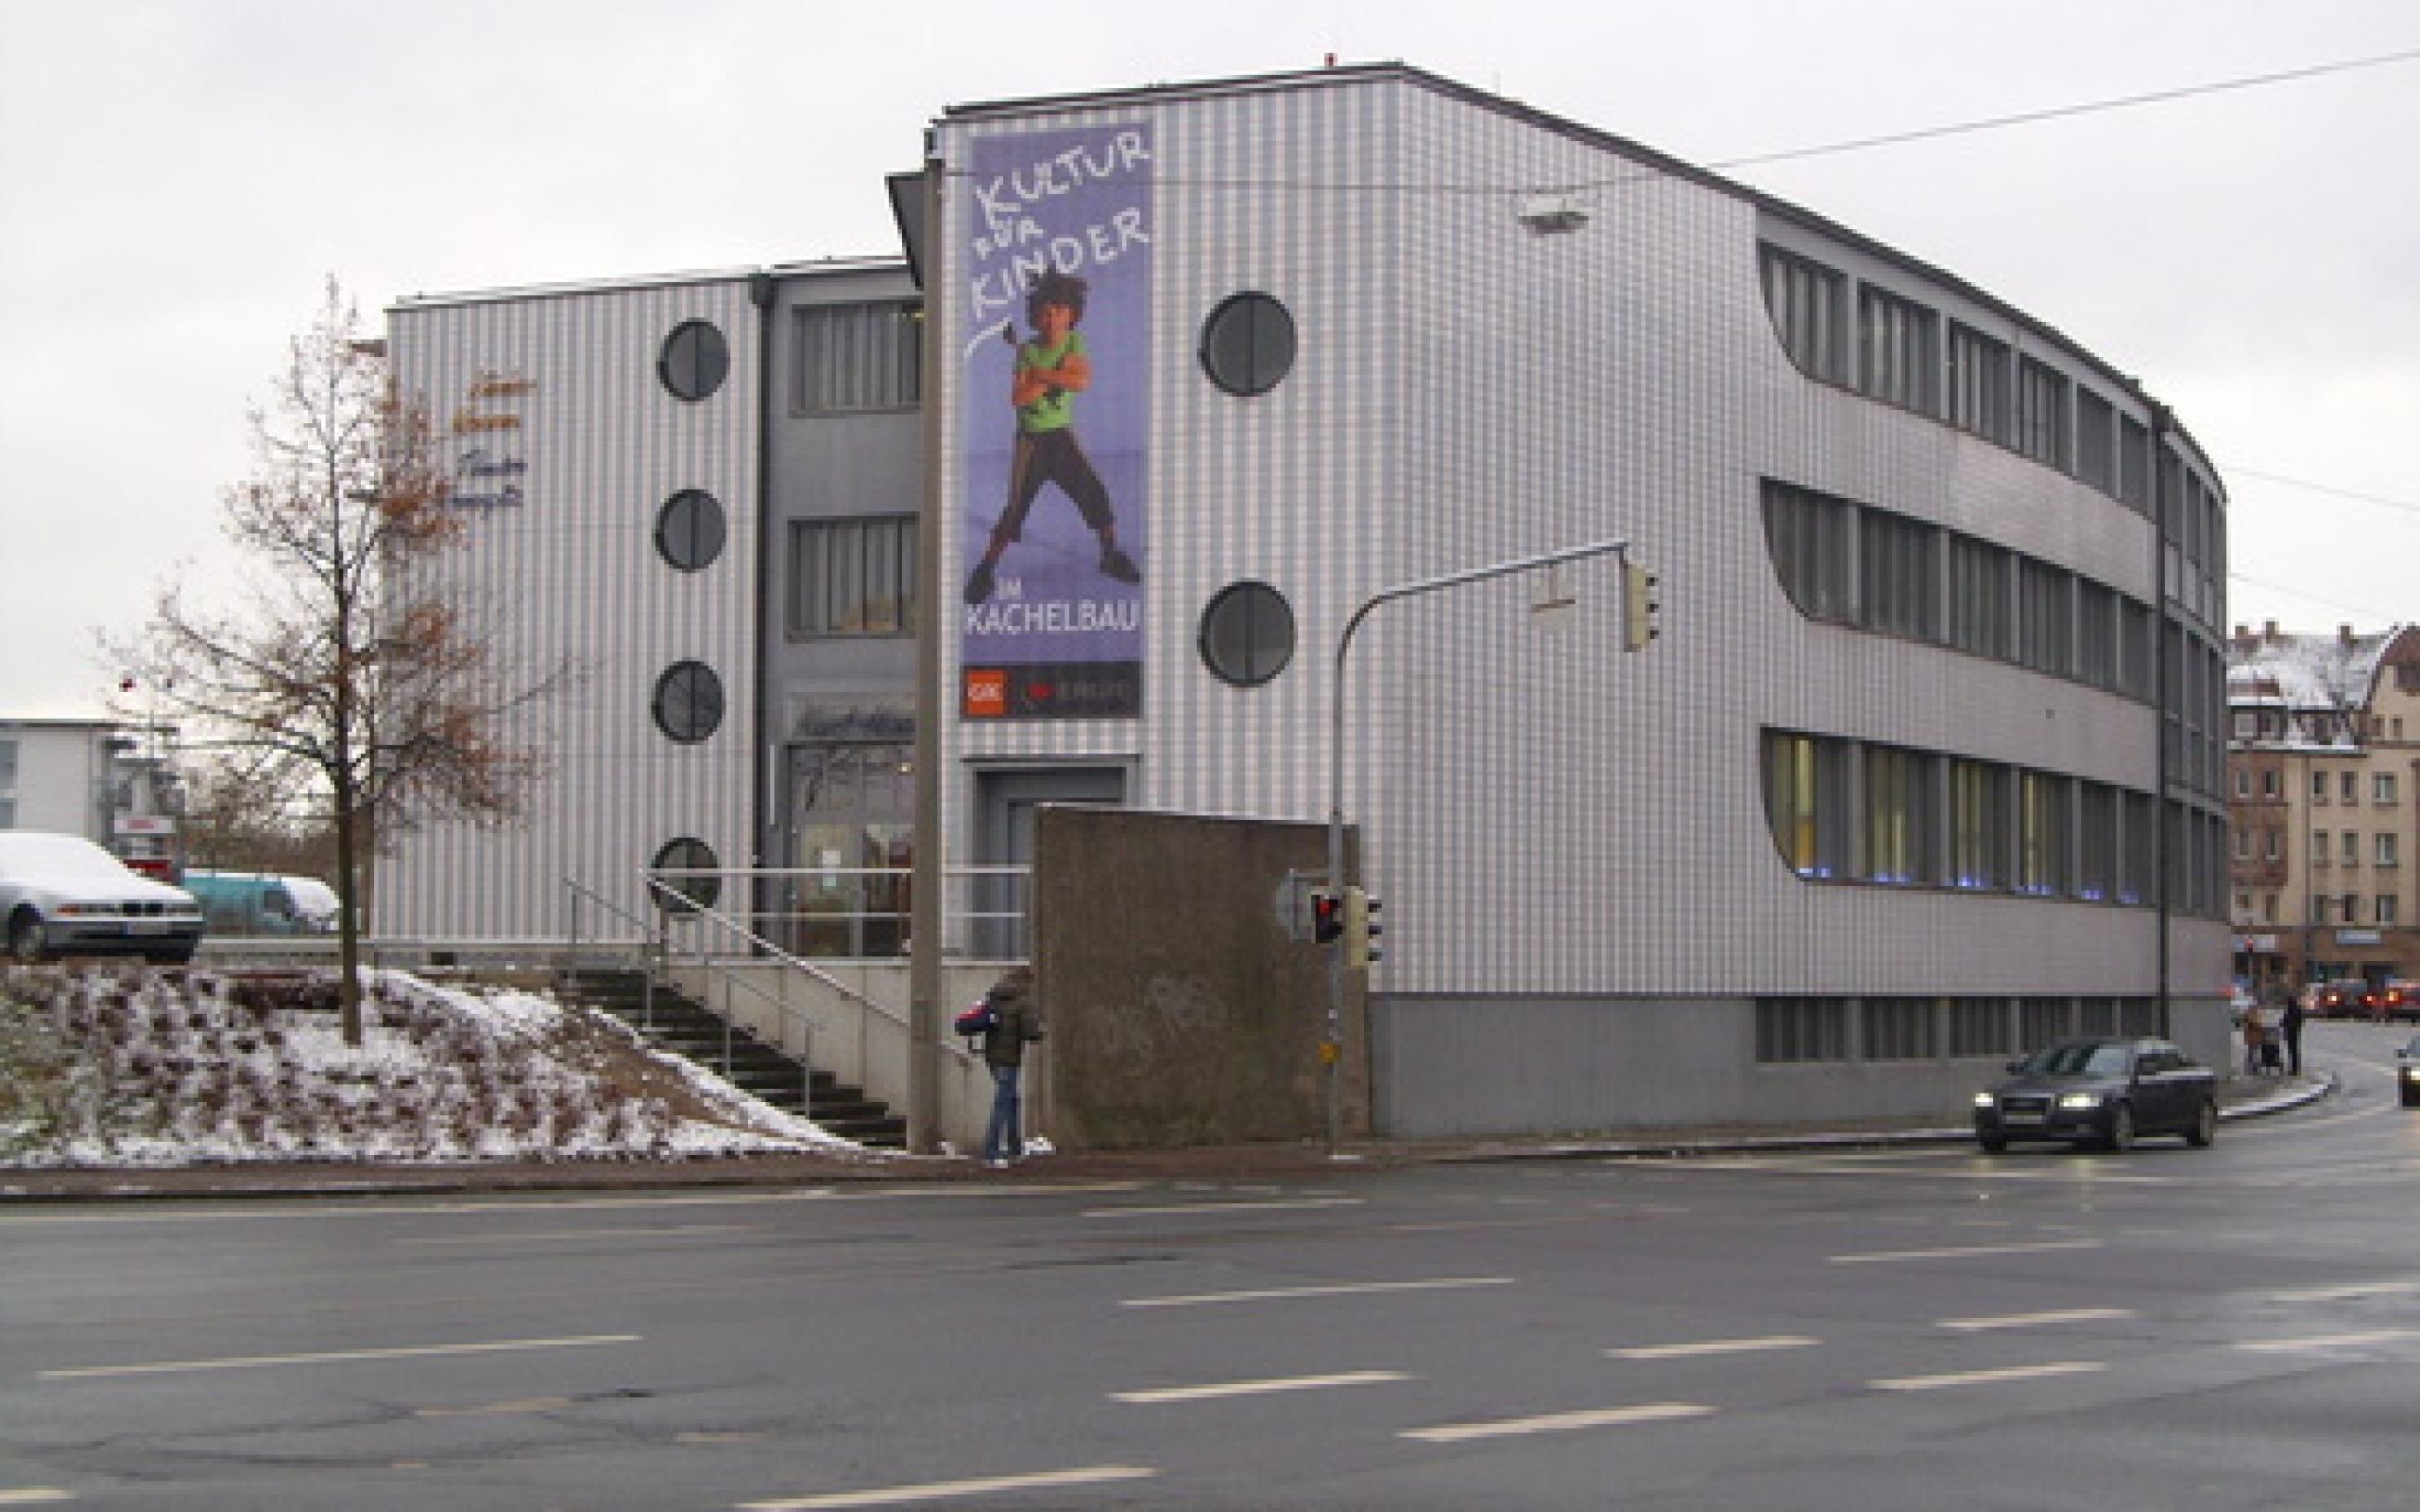 Das Theater Mummpitz im sogenannten Kachelbau in der Michael-Ende-Straße 17 in Nürnberg